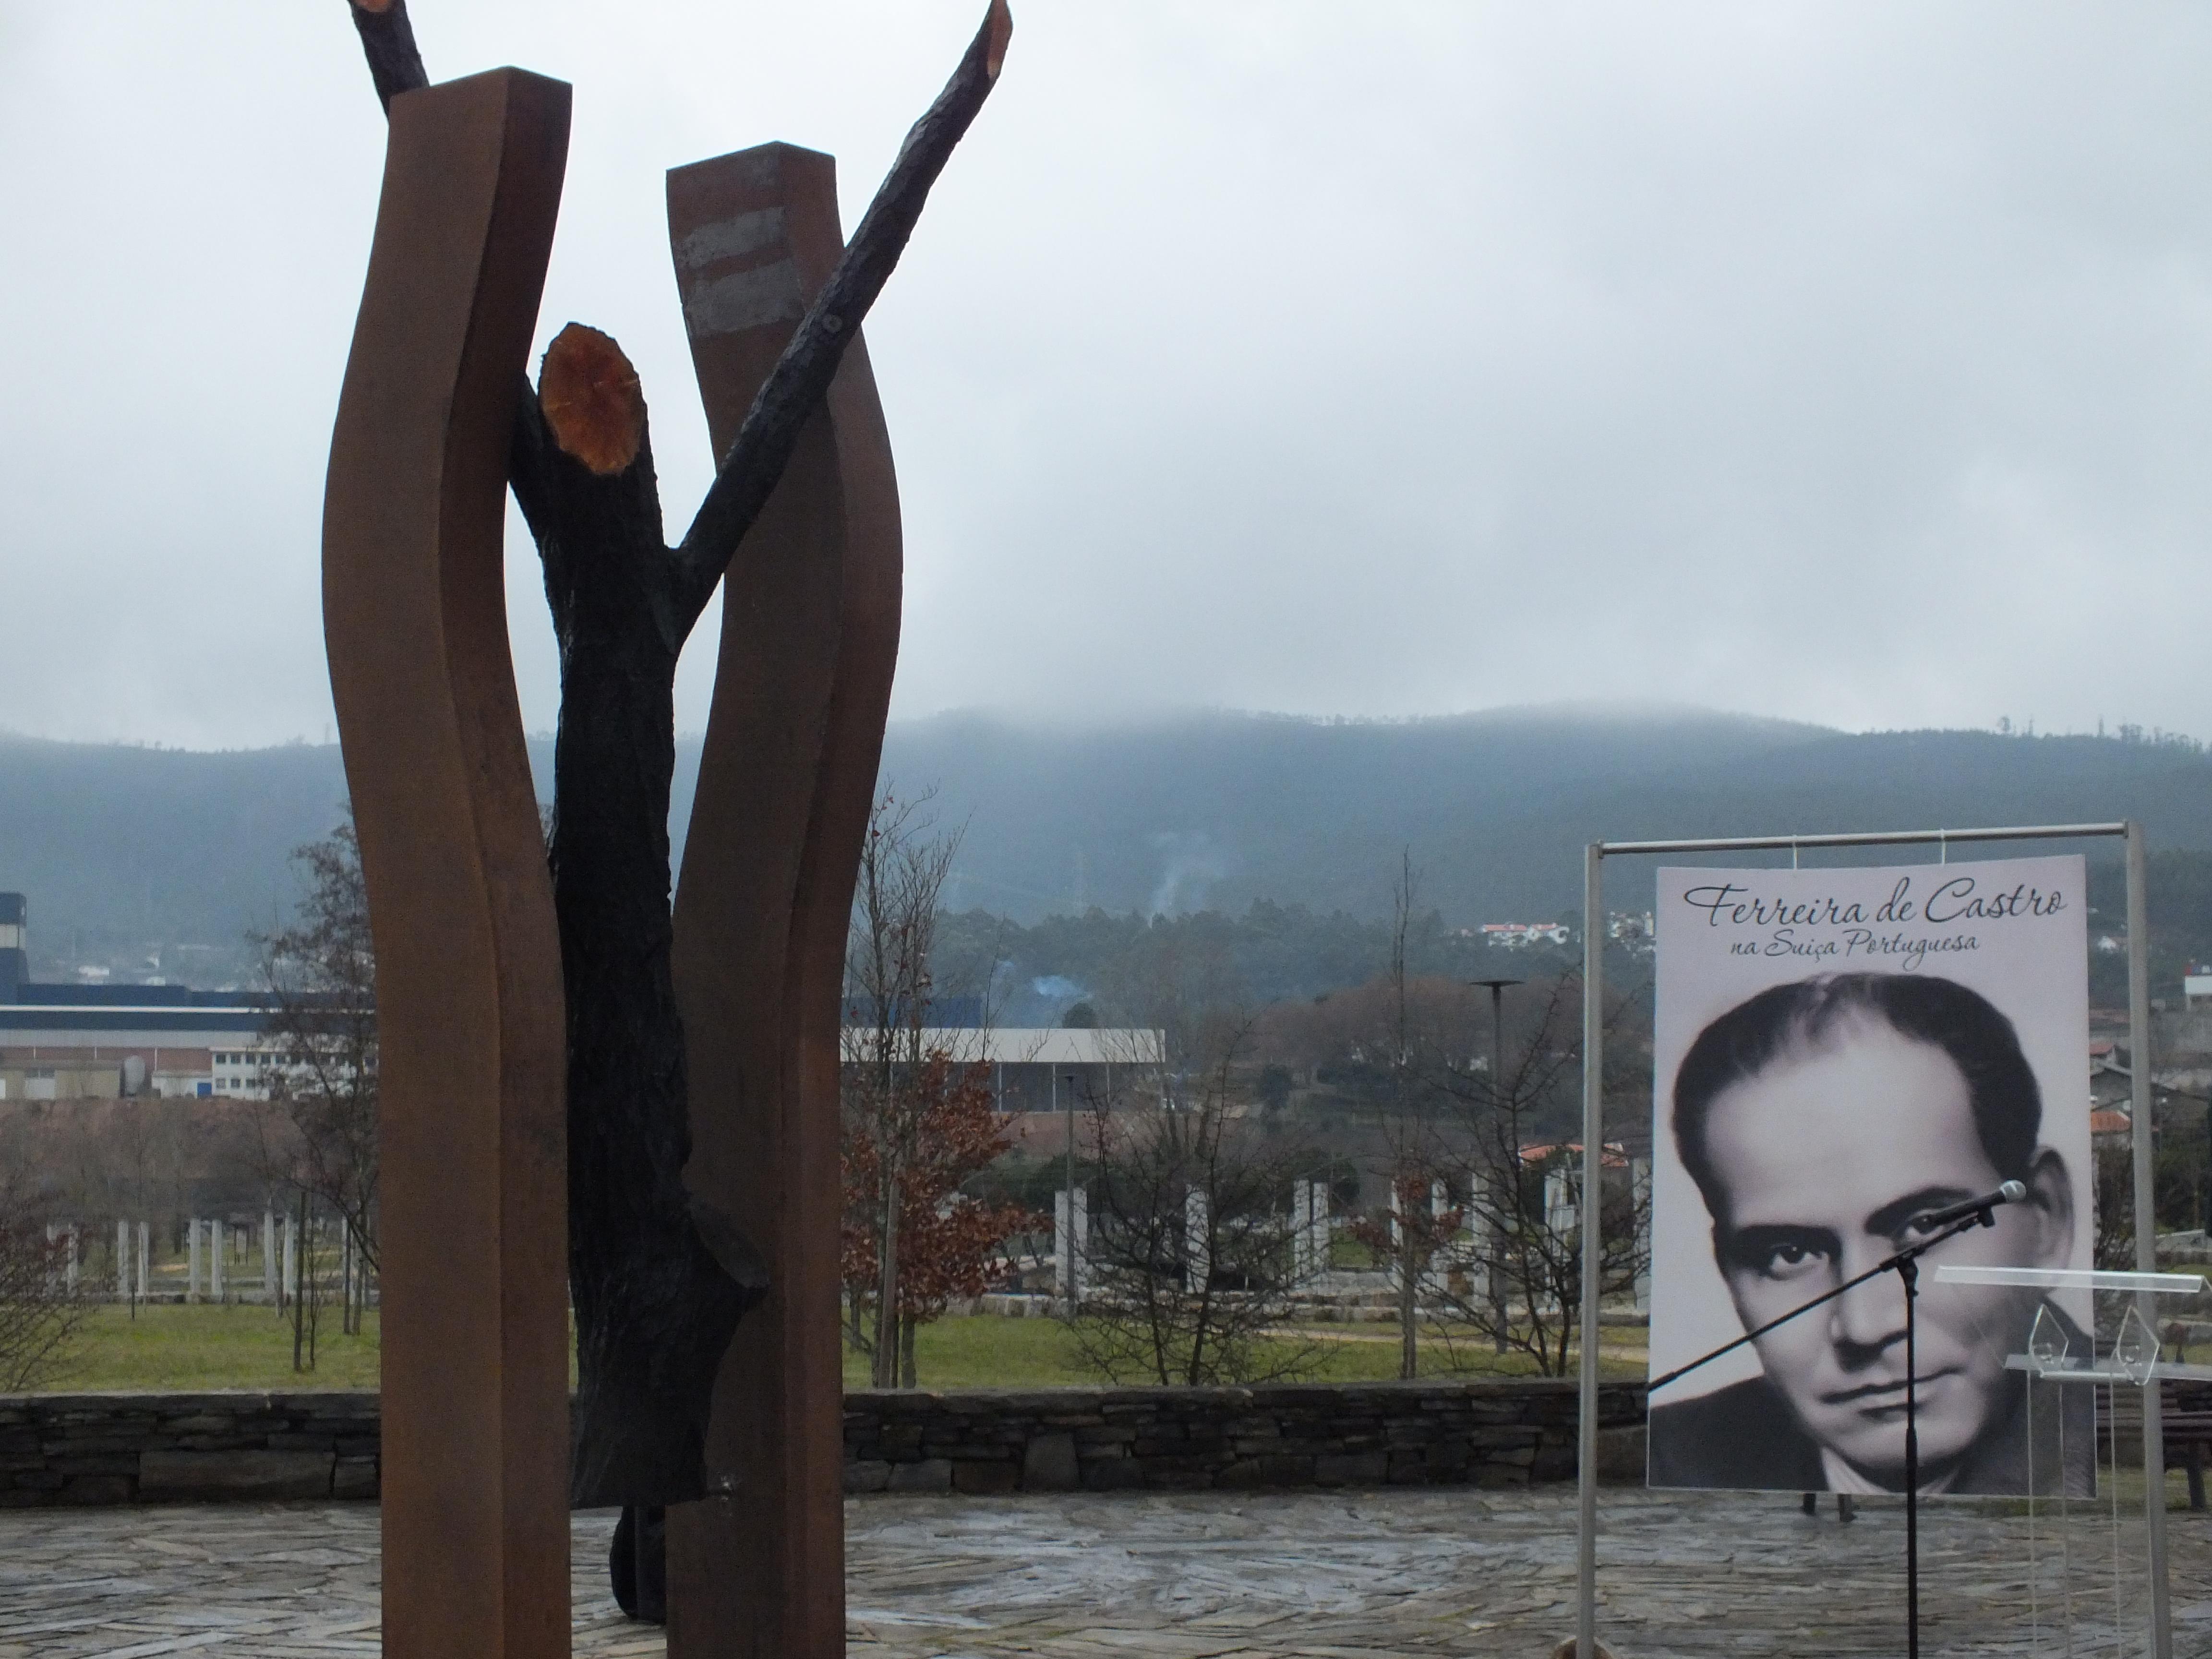 Inaugurada escultura em homenagem a Ferreira de Castro